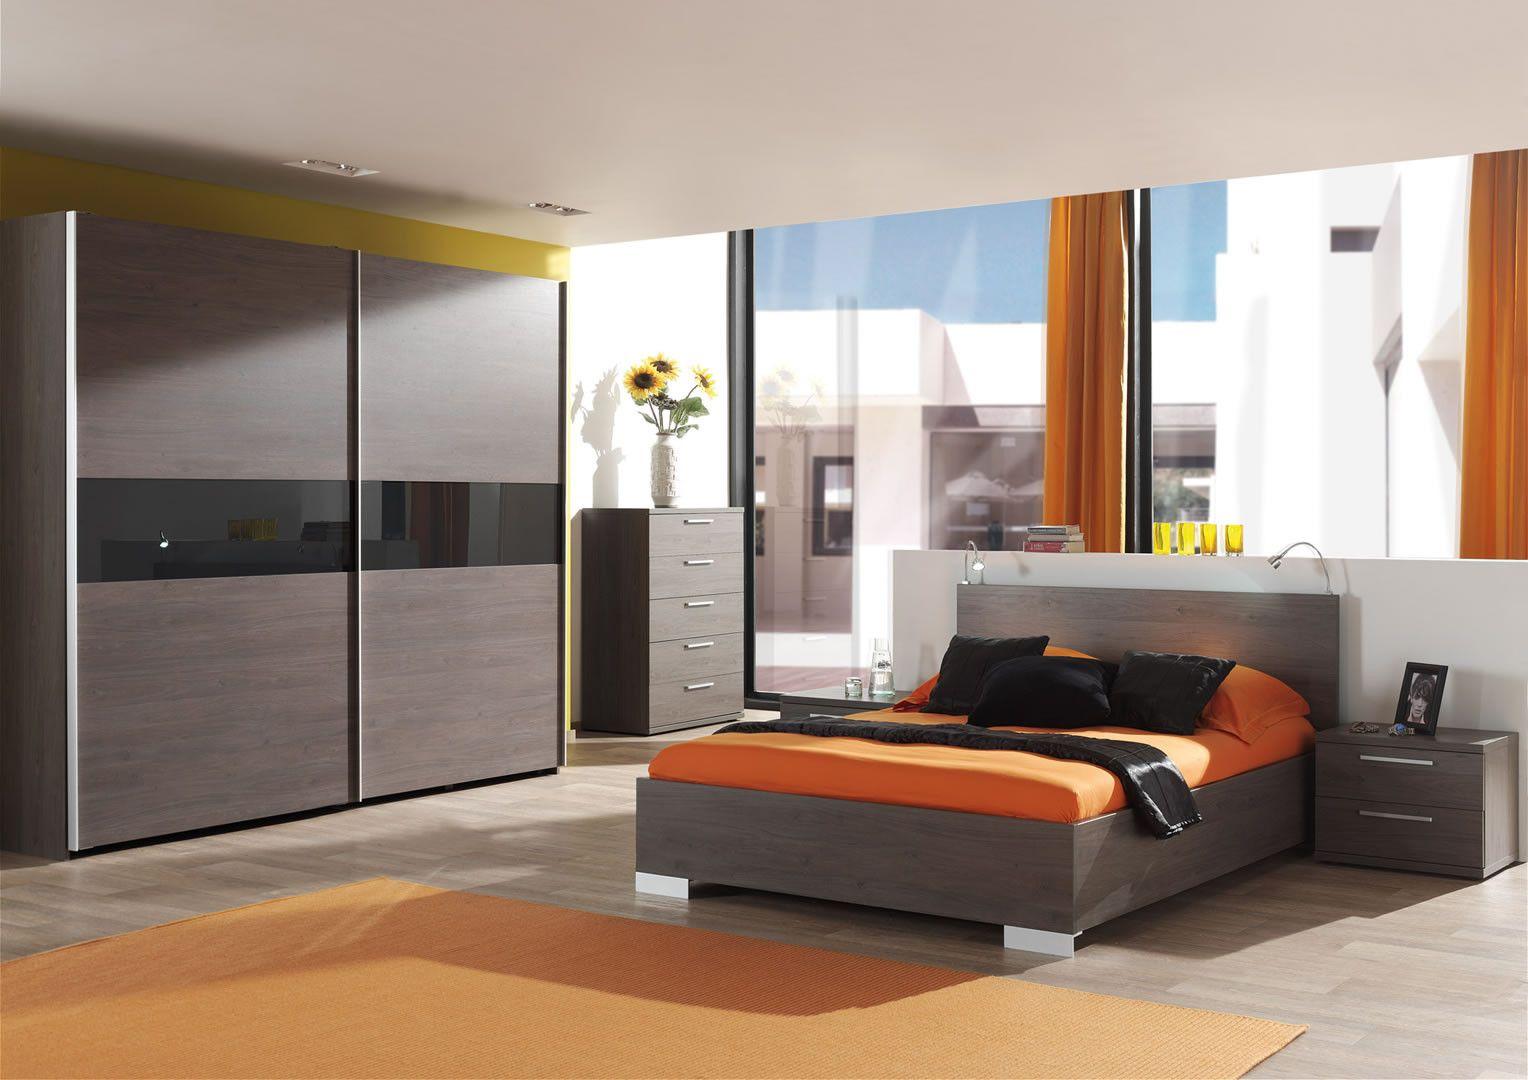 Made in Belgium Chambre complète adulte éclairage lit armoire 250 cm portes  coulissantes Lasta 180 cm